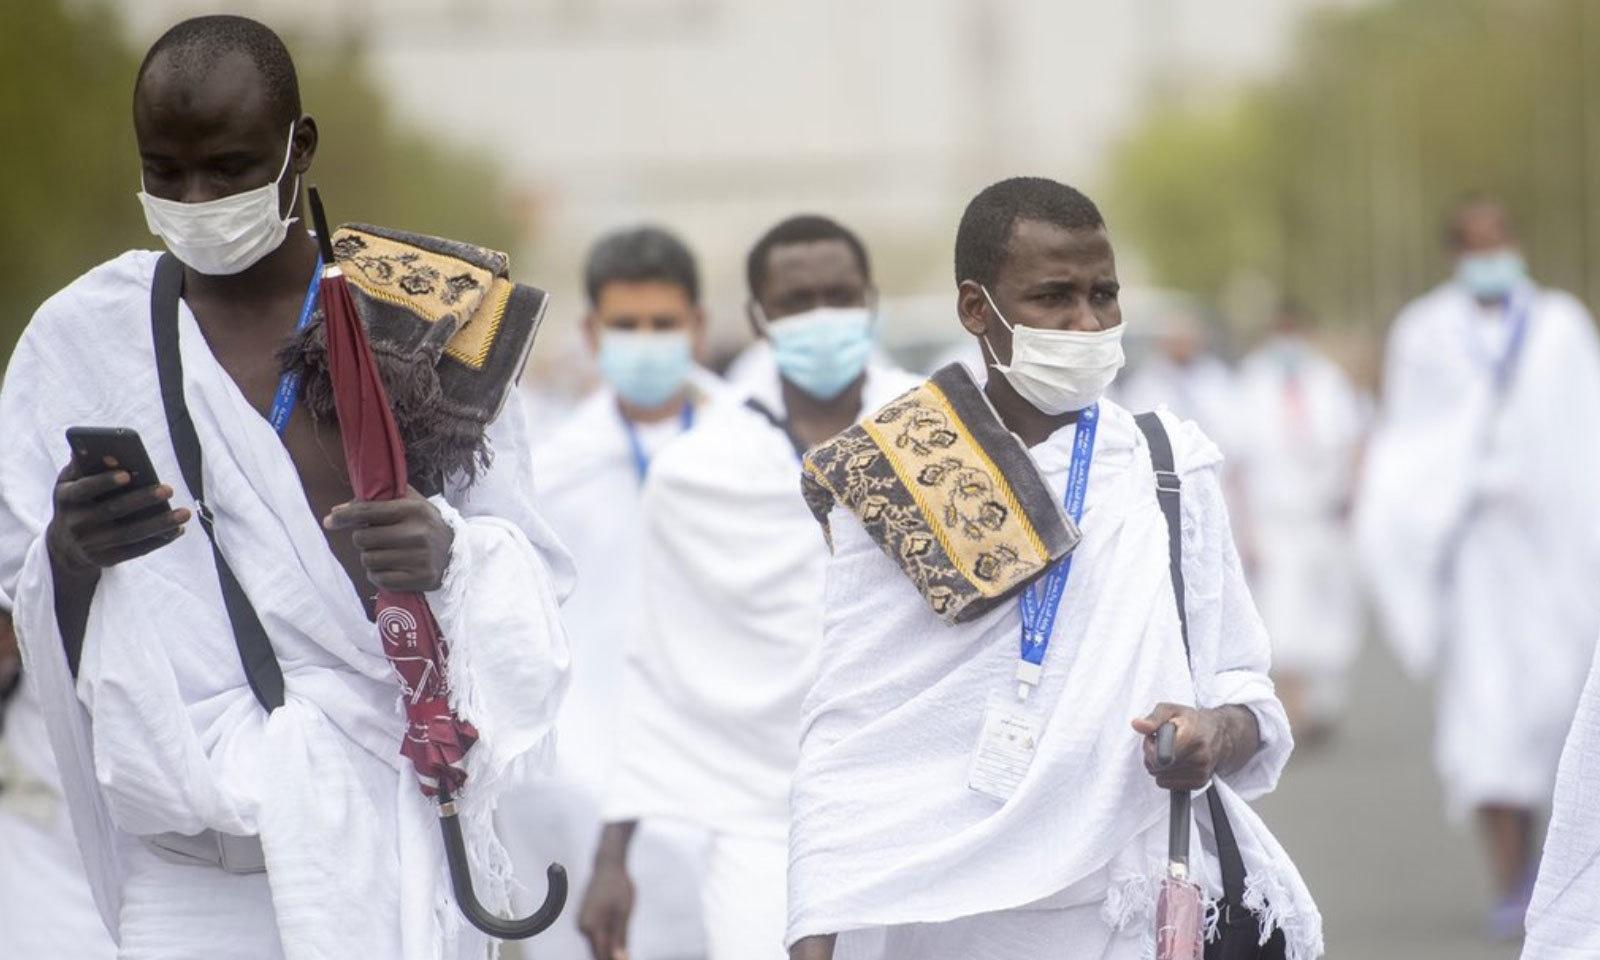 کورونا وائرس کے باعث اس سال بھی محدود افراد کے ساتھ حج ادا کیا گیا —فوٹو: بشکریہ حرمین شریفین ٹوئٹر